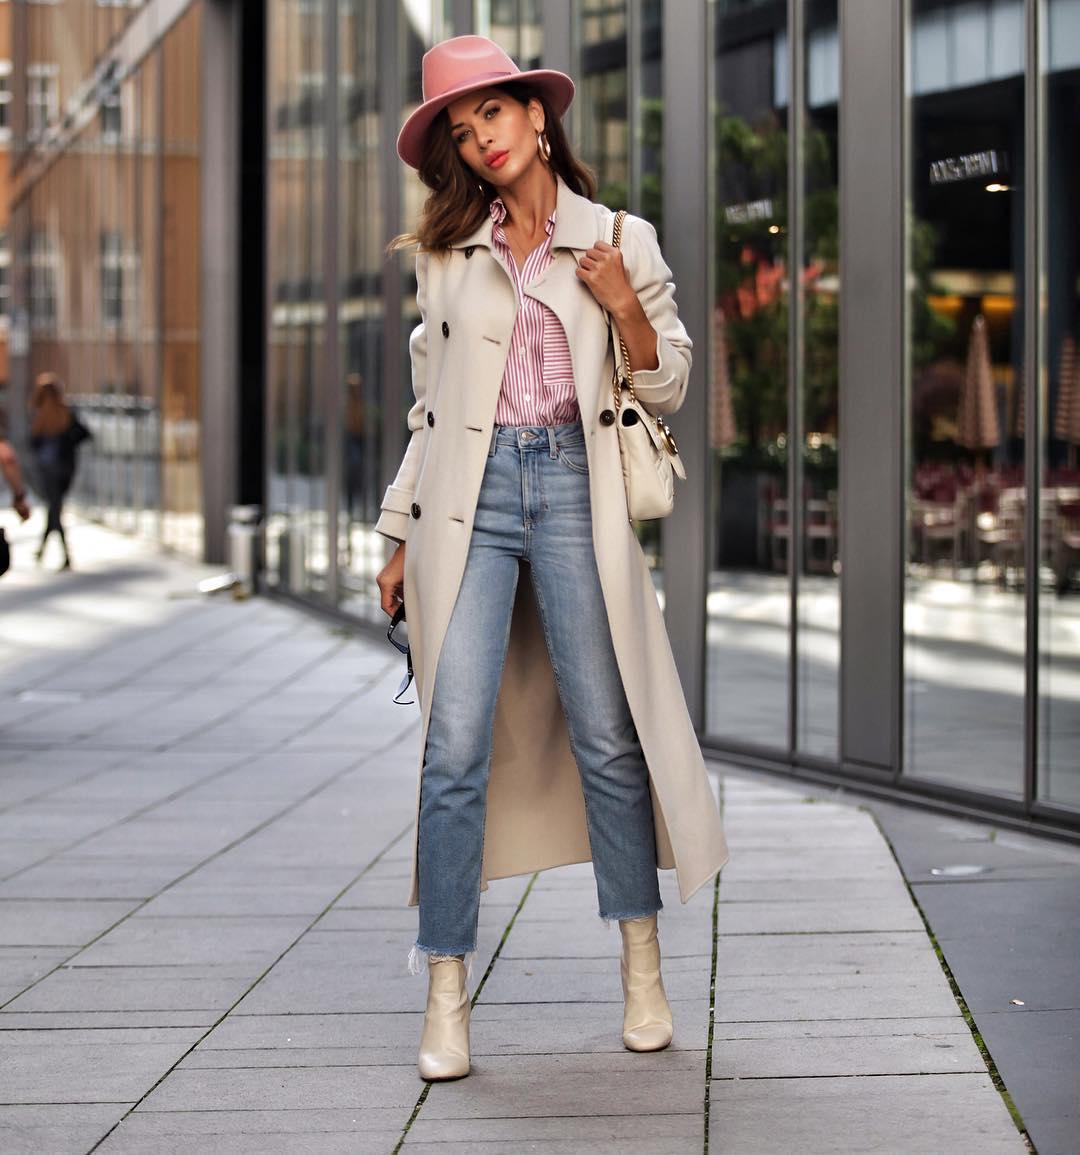 мода весна лето 2018 для женщин за 30: синие потертые джинсы под пальто миди шляпку с полями